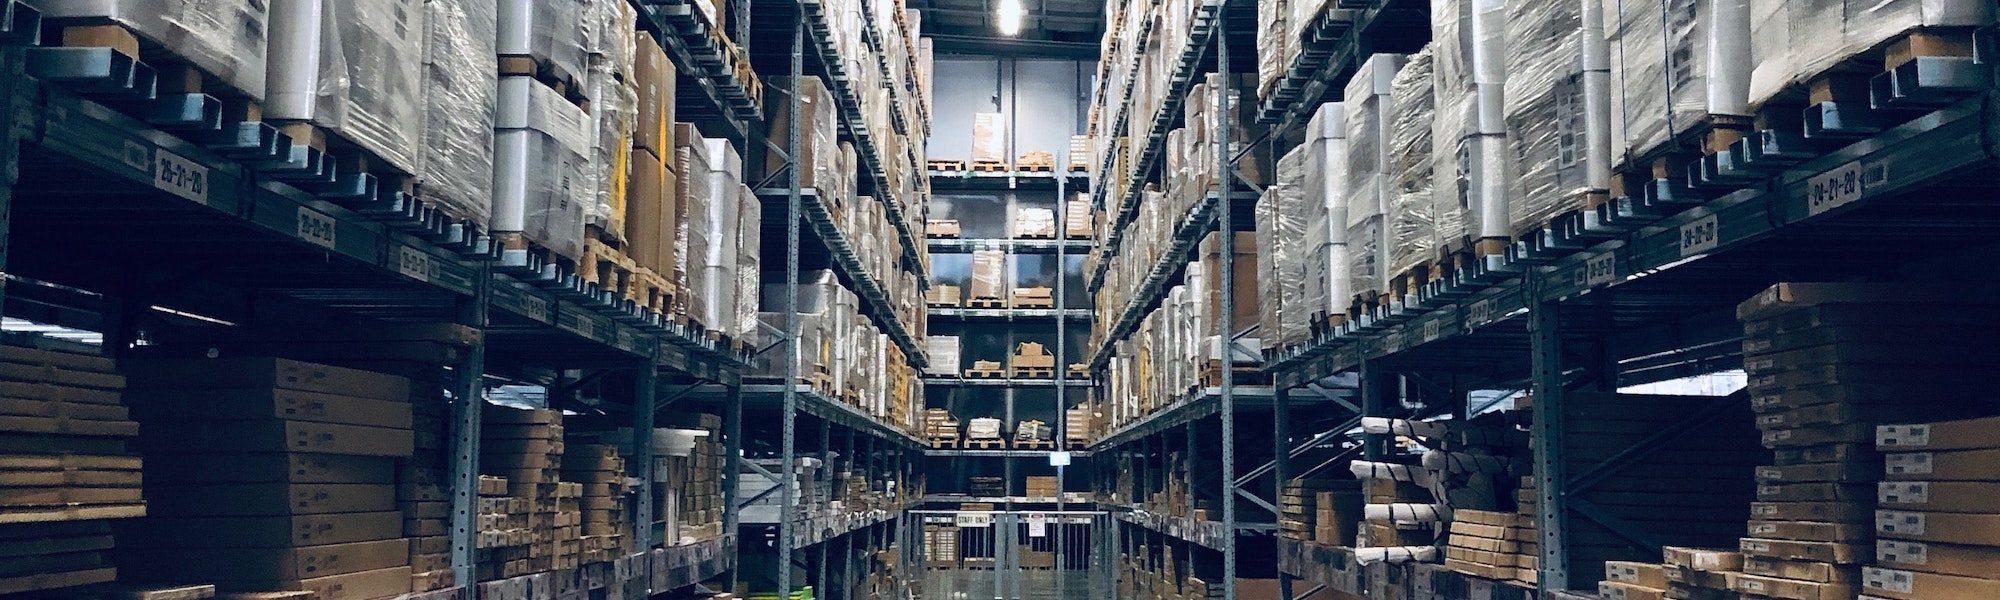 warehouse-slider